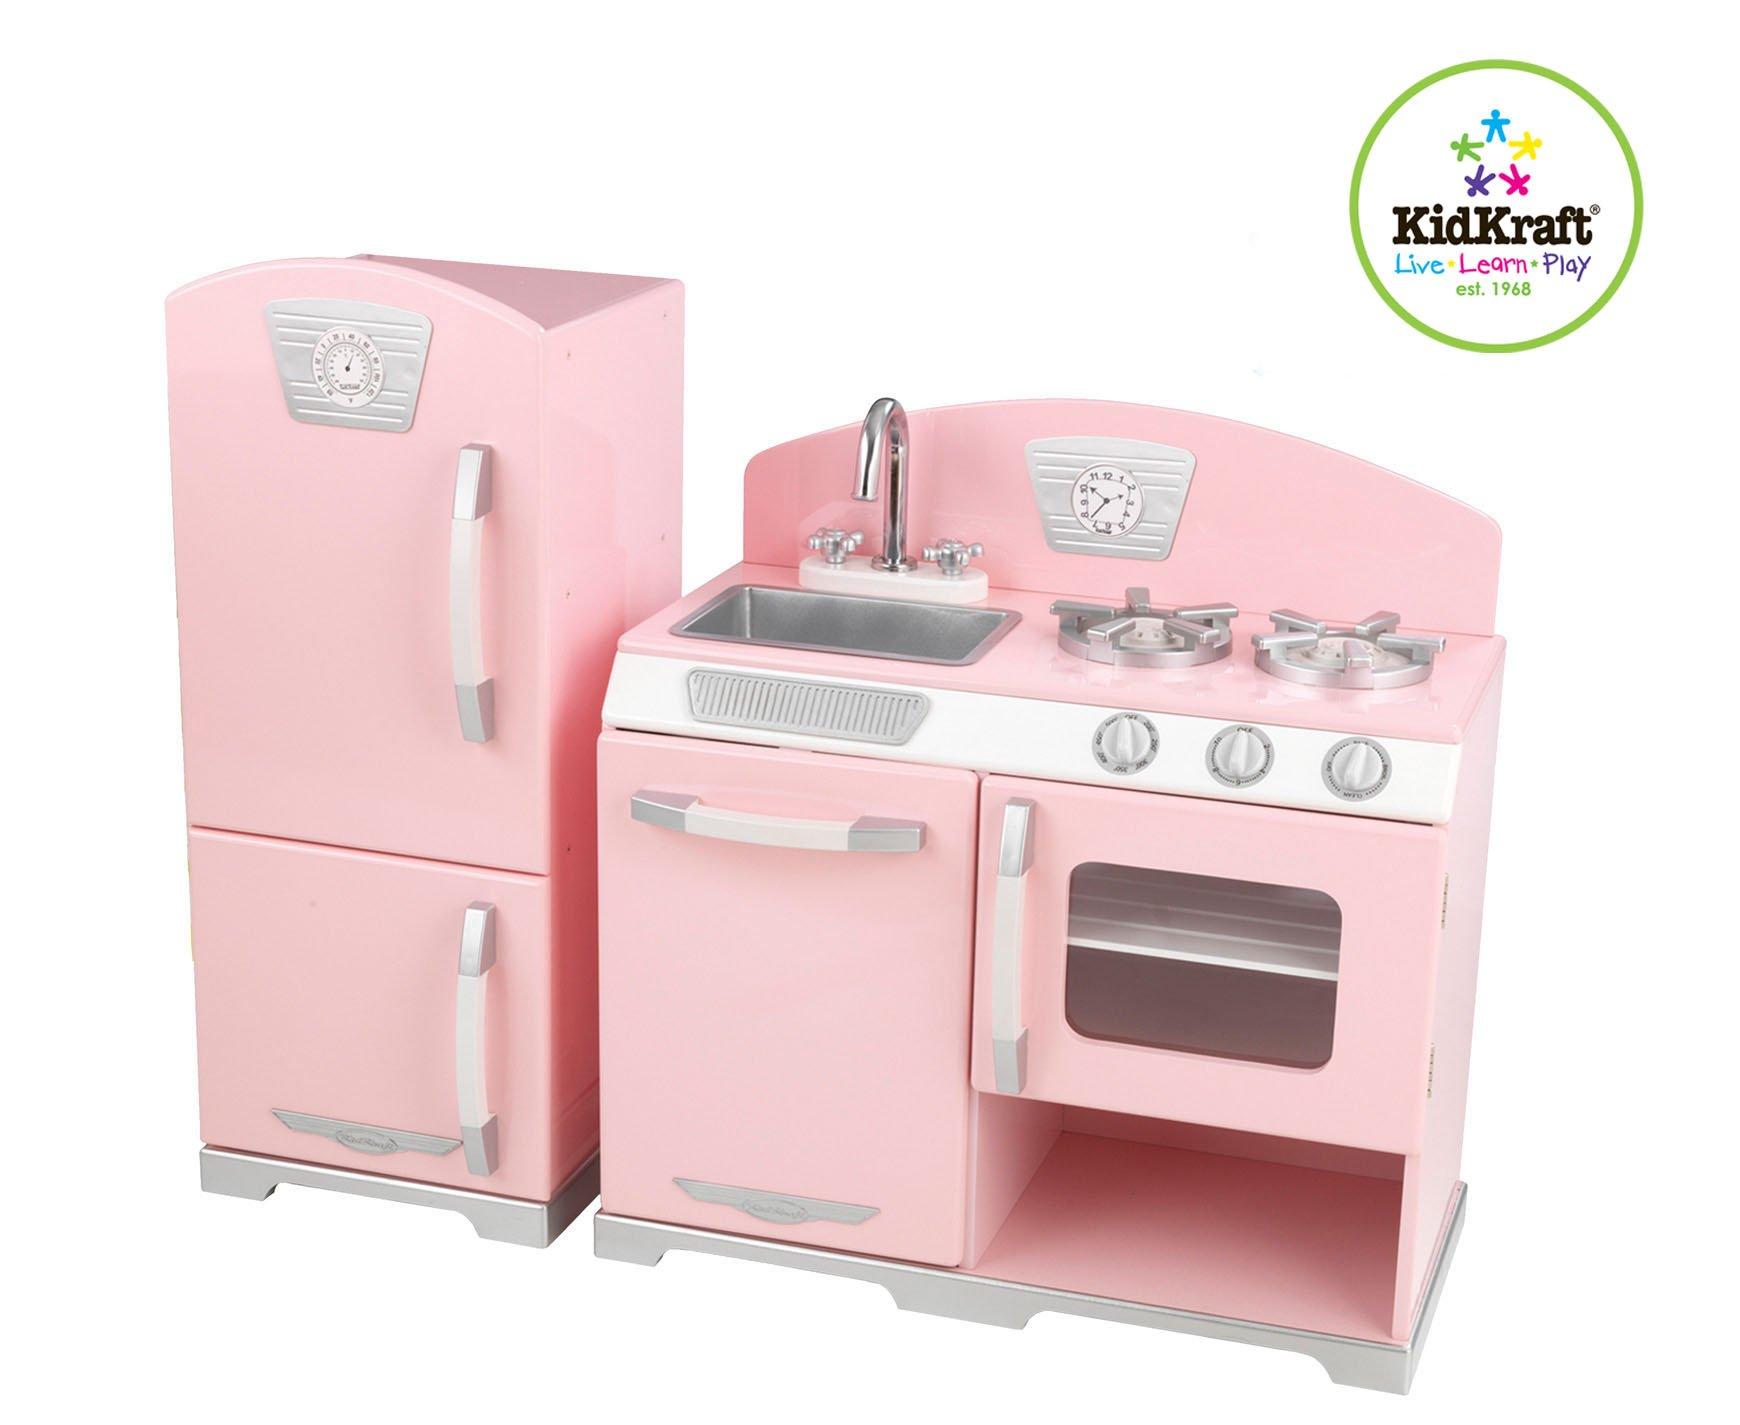 Kidkraft Retro Kitchen Refrigerator Pink